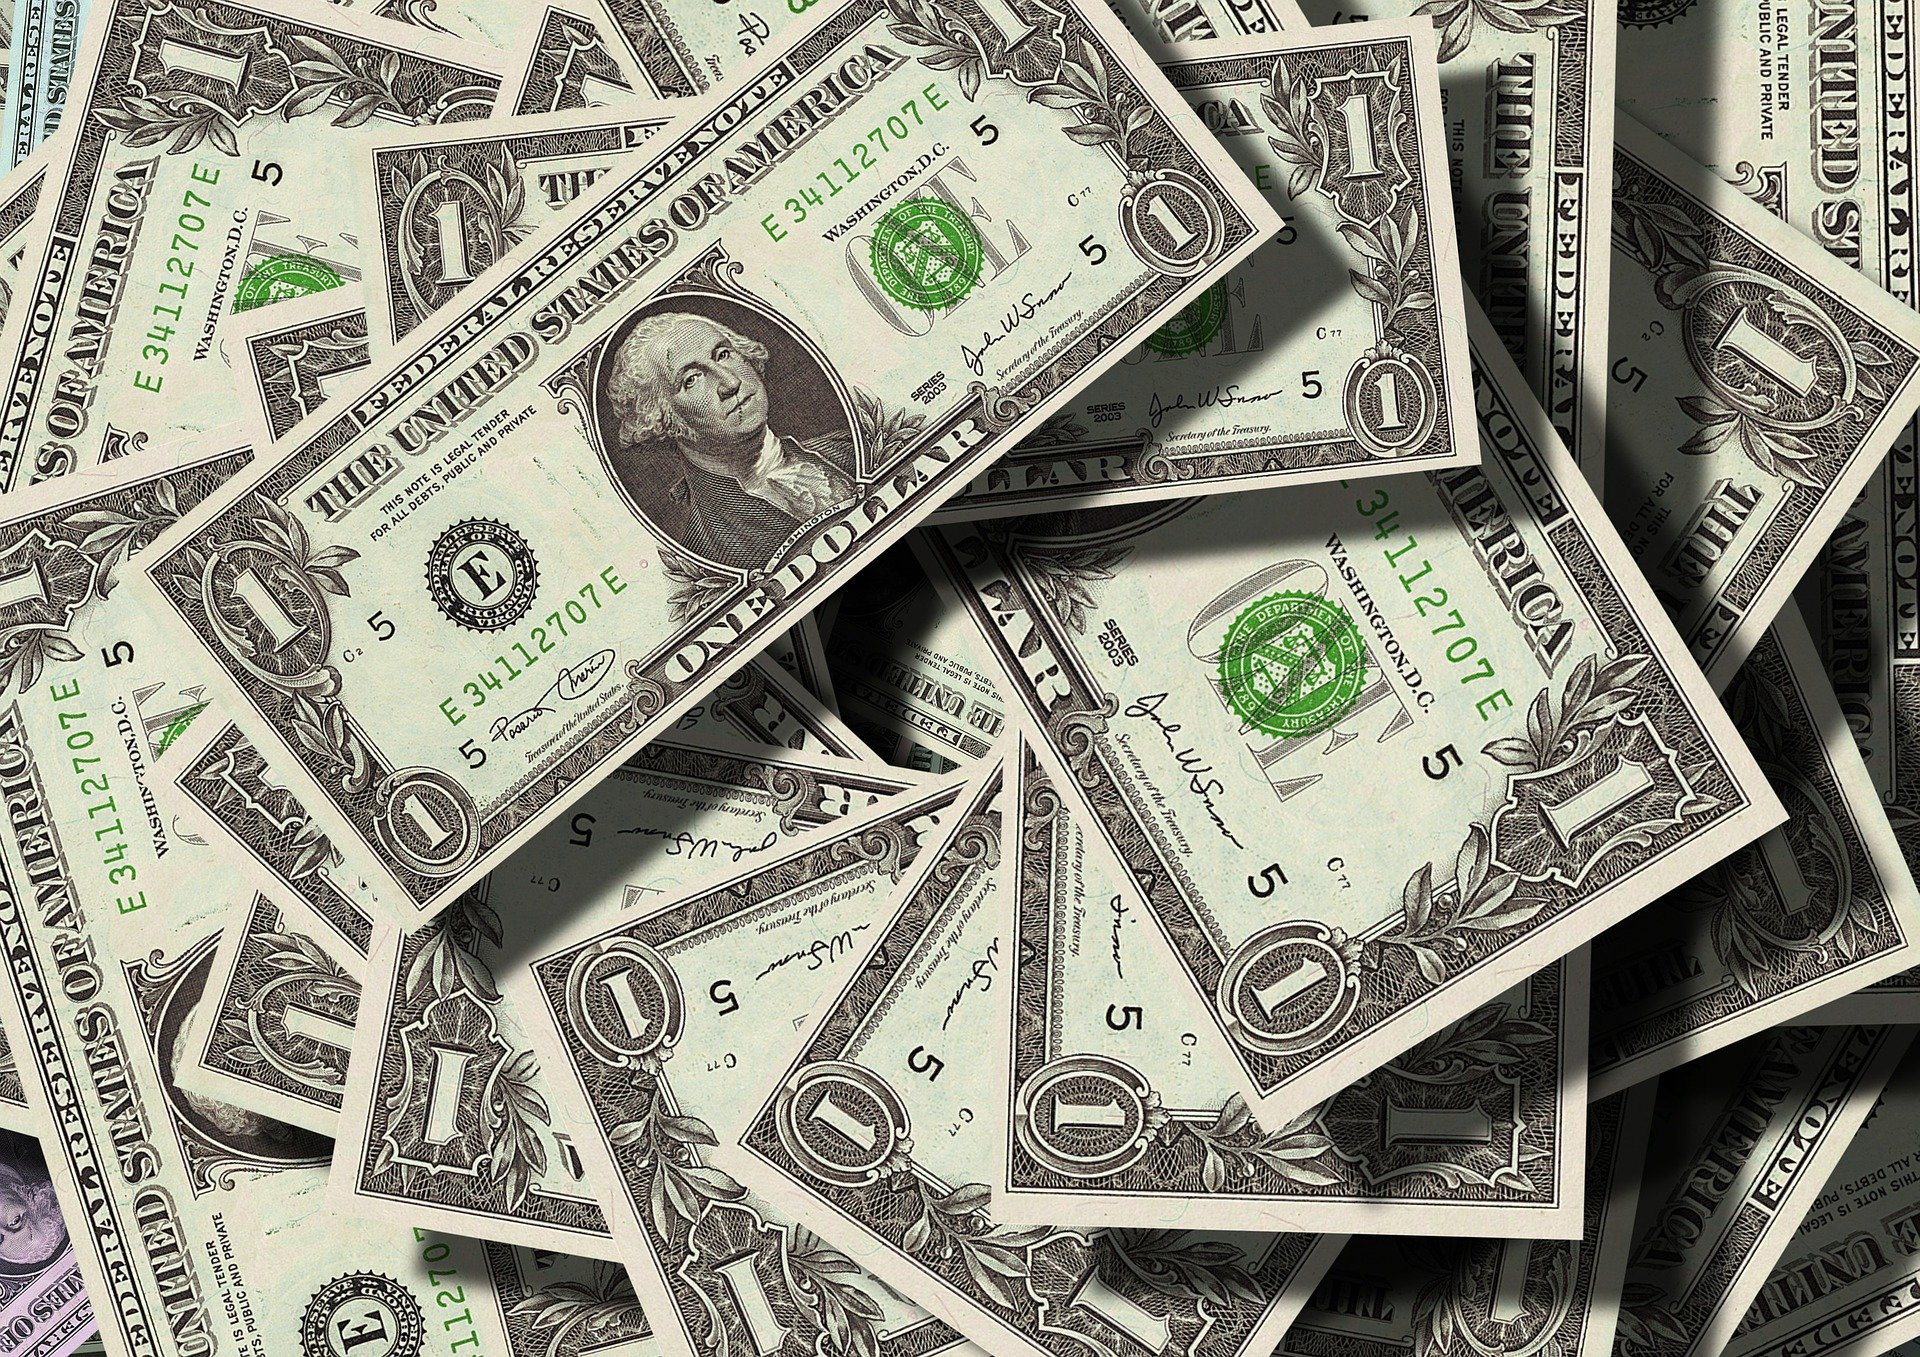 Nach Übernahme: Bald neuer reichster Mensch?